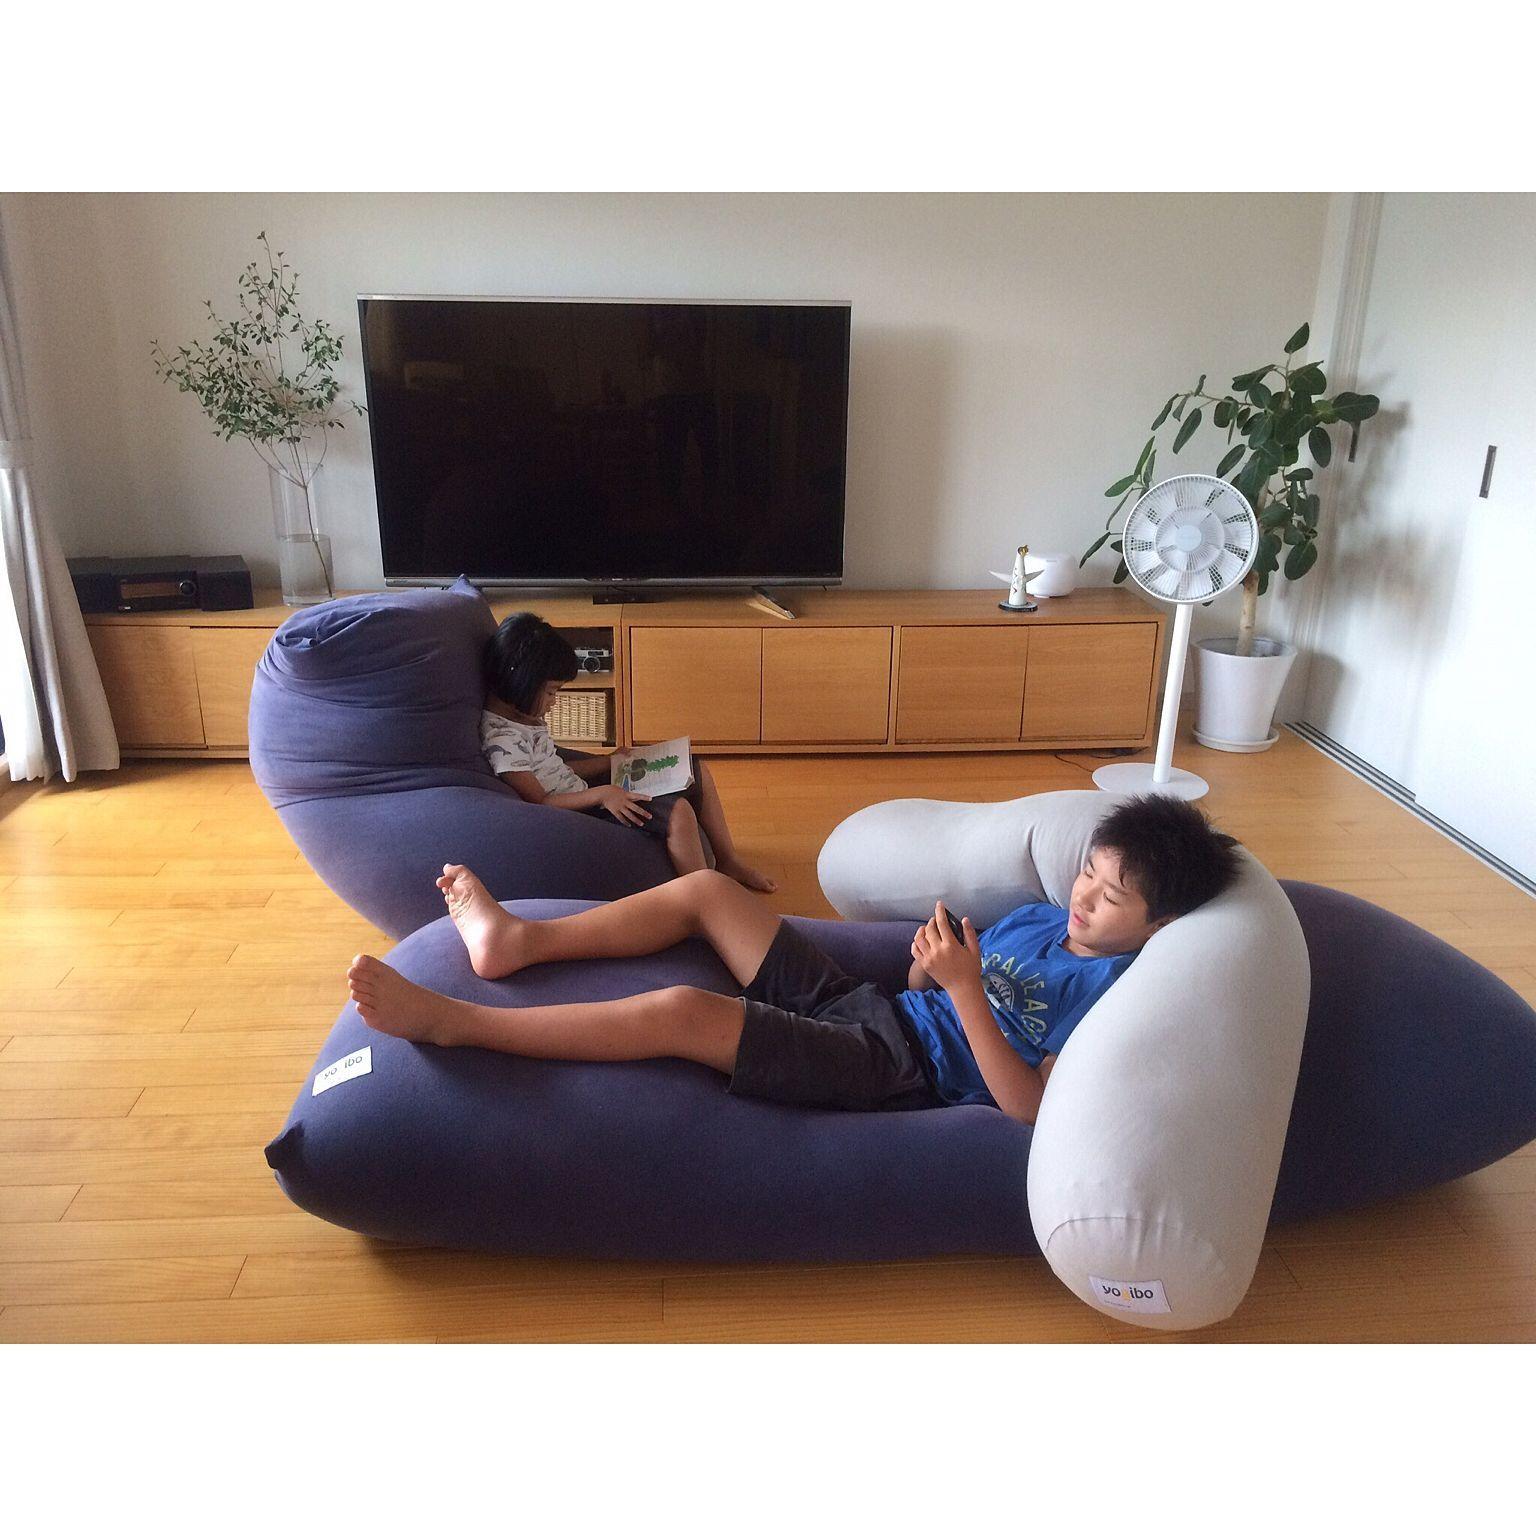 リビング Yogibo ヨギボー テレビ台 テレビ周り などのインテリア実例 2017 07 13 22 53 30 Roomclip ルームクリップ ヨギボー ソファなしリビング インテリア 収納